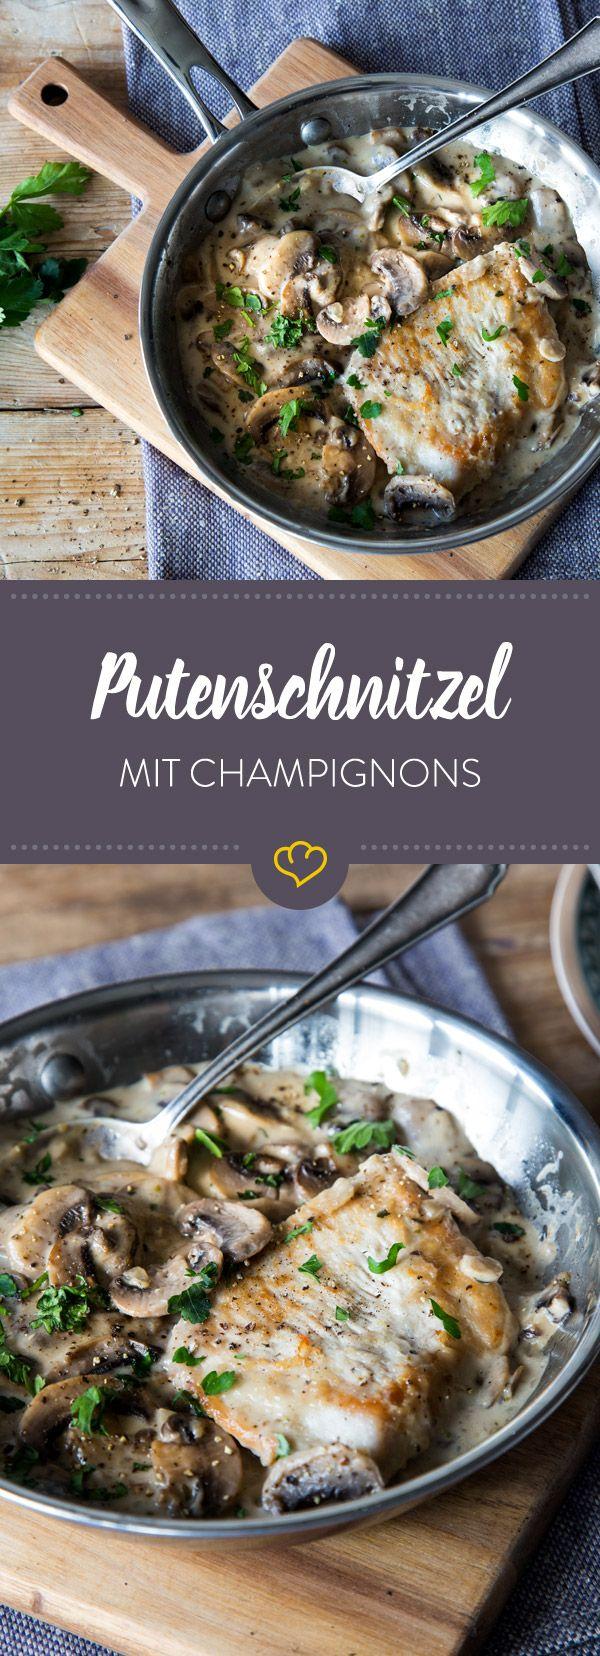 Klassisch und zeitlos: Diese saftigen Putenschnitzel nehmen ein Bad in einer cremigen Champignon-Rahmsauce.